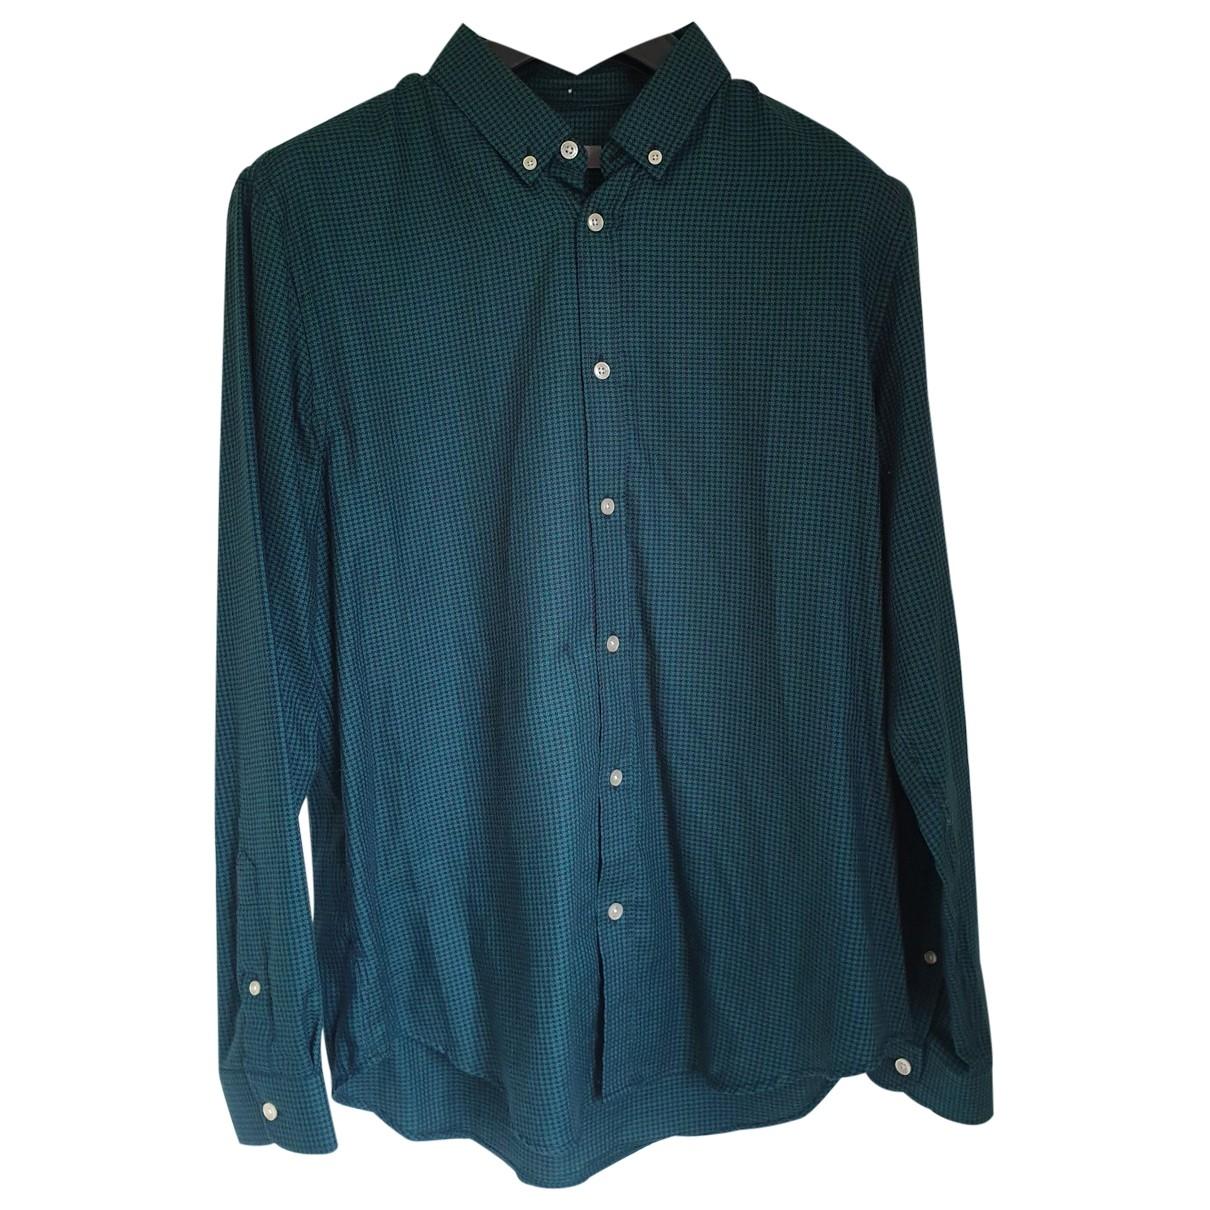 Jaeger - Chemises   pour homme en coton - vert